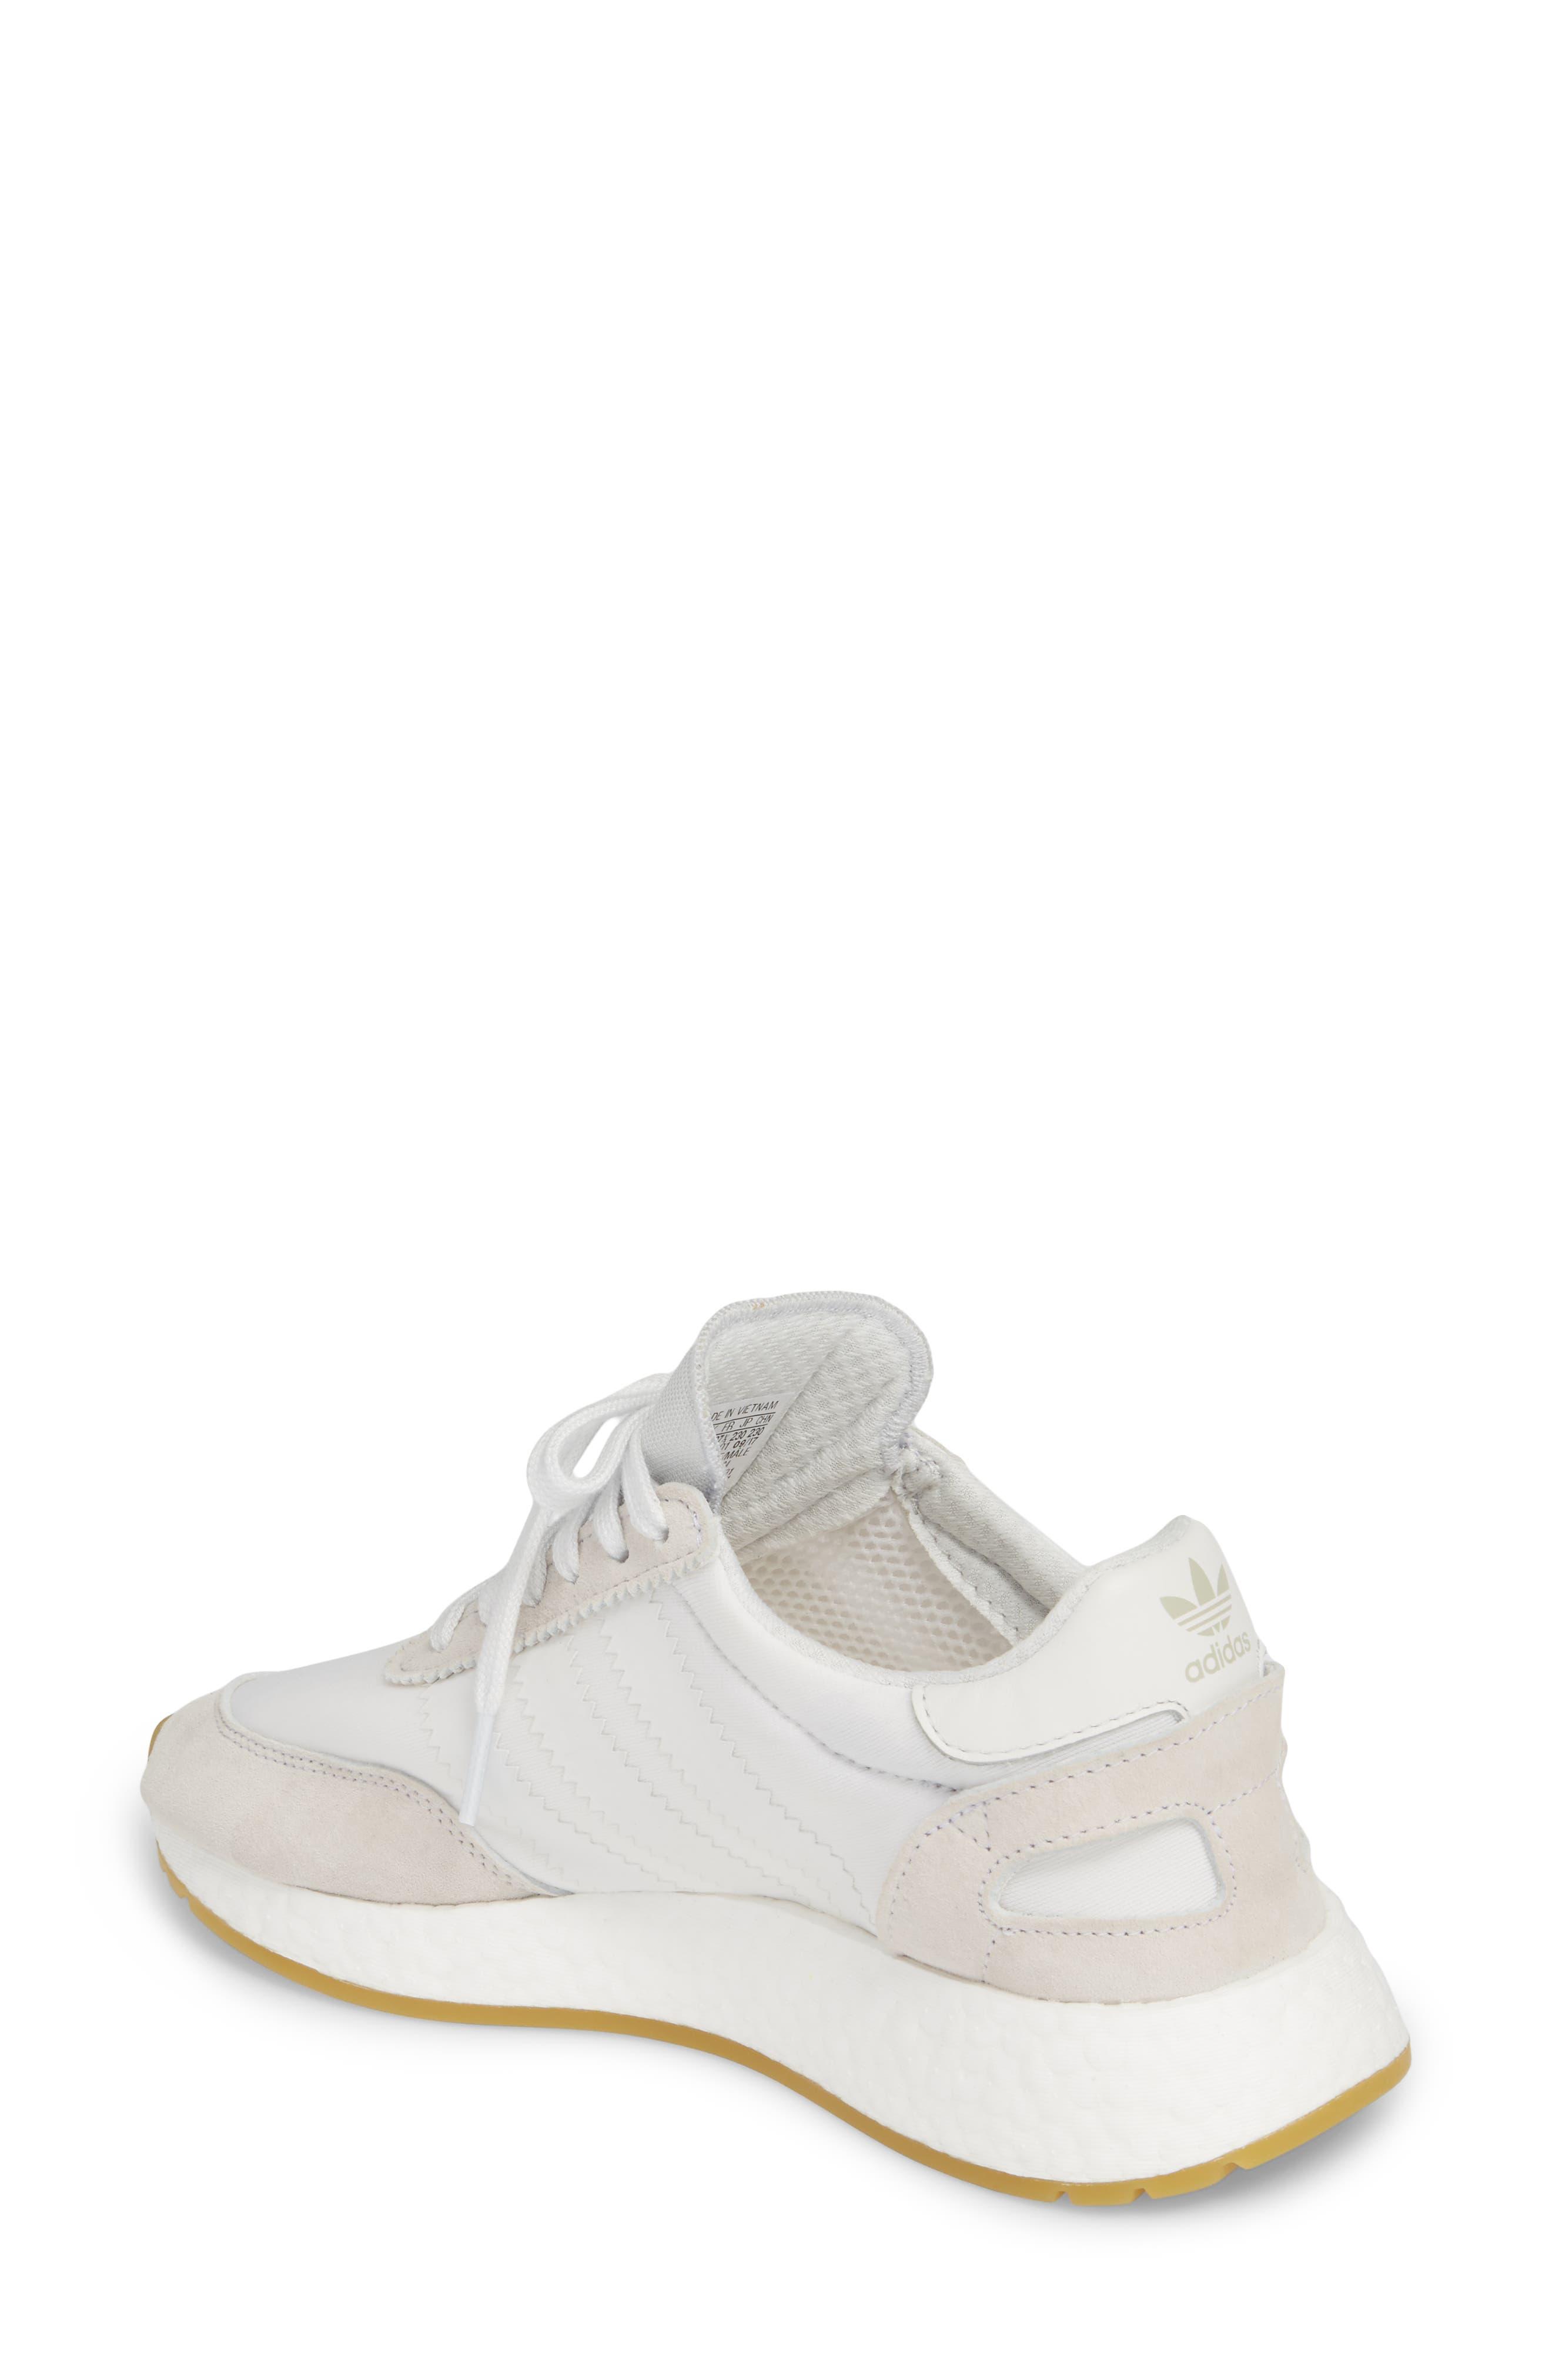 I-5923 Sneaker,                             Alternate thumbnail 2, color,                             100